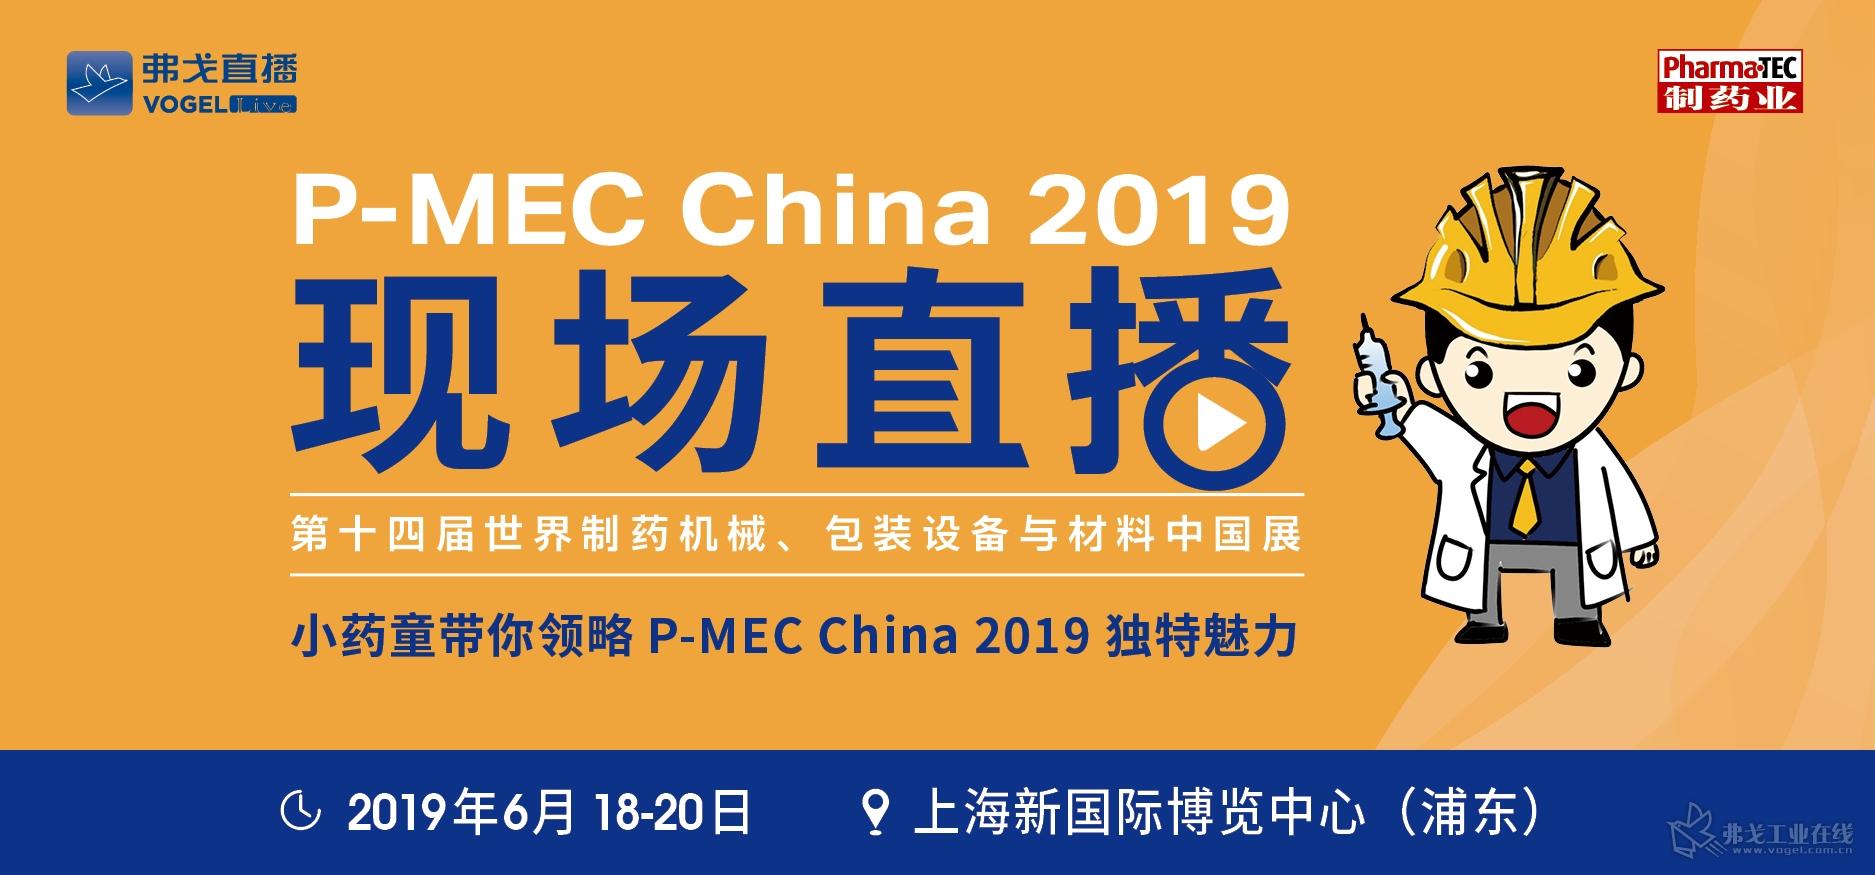 P-MEC2019 上海 cphi